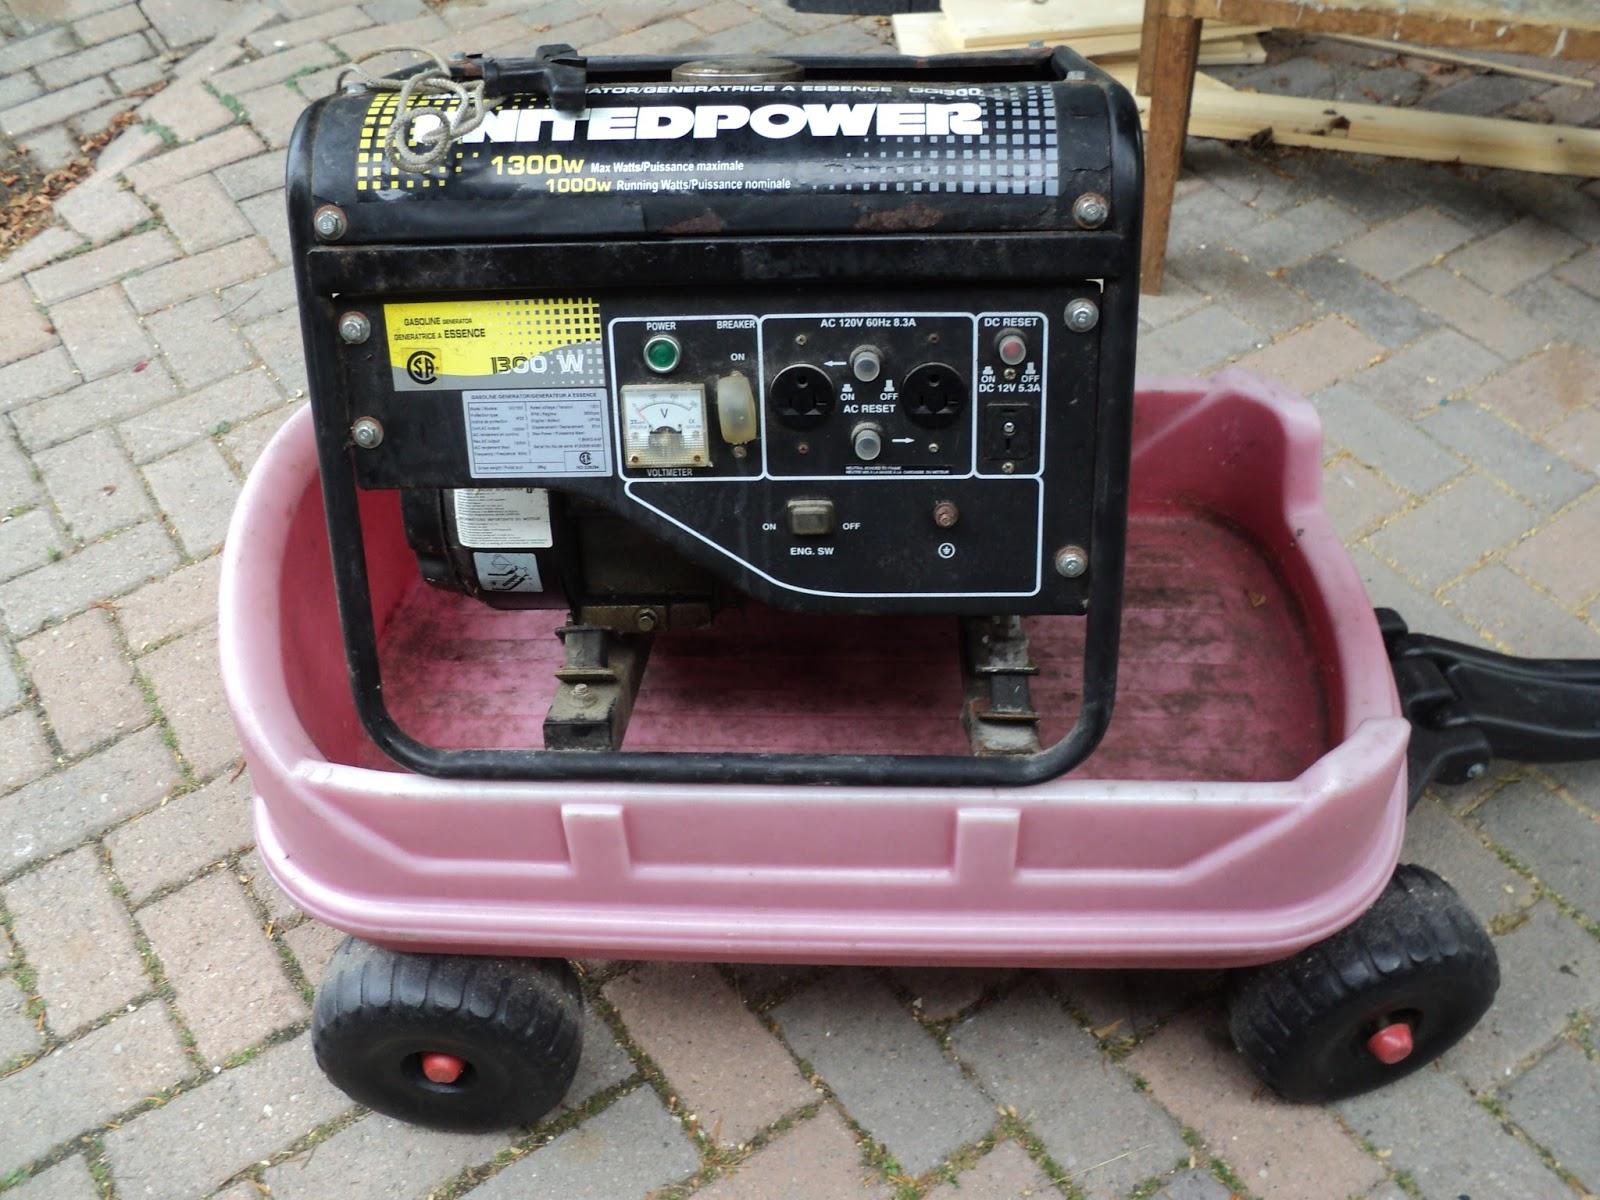 rouge river workshop a united power gg1300 generator rh rougeriverworkshop blogspot com